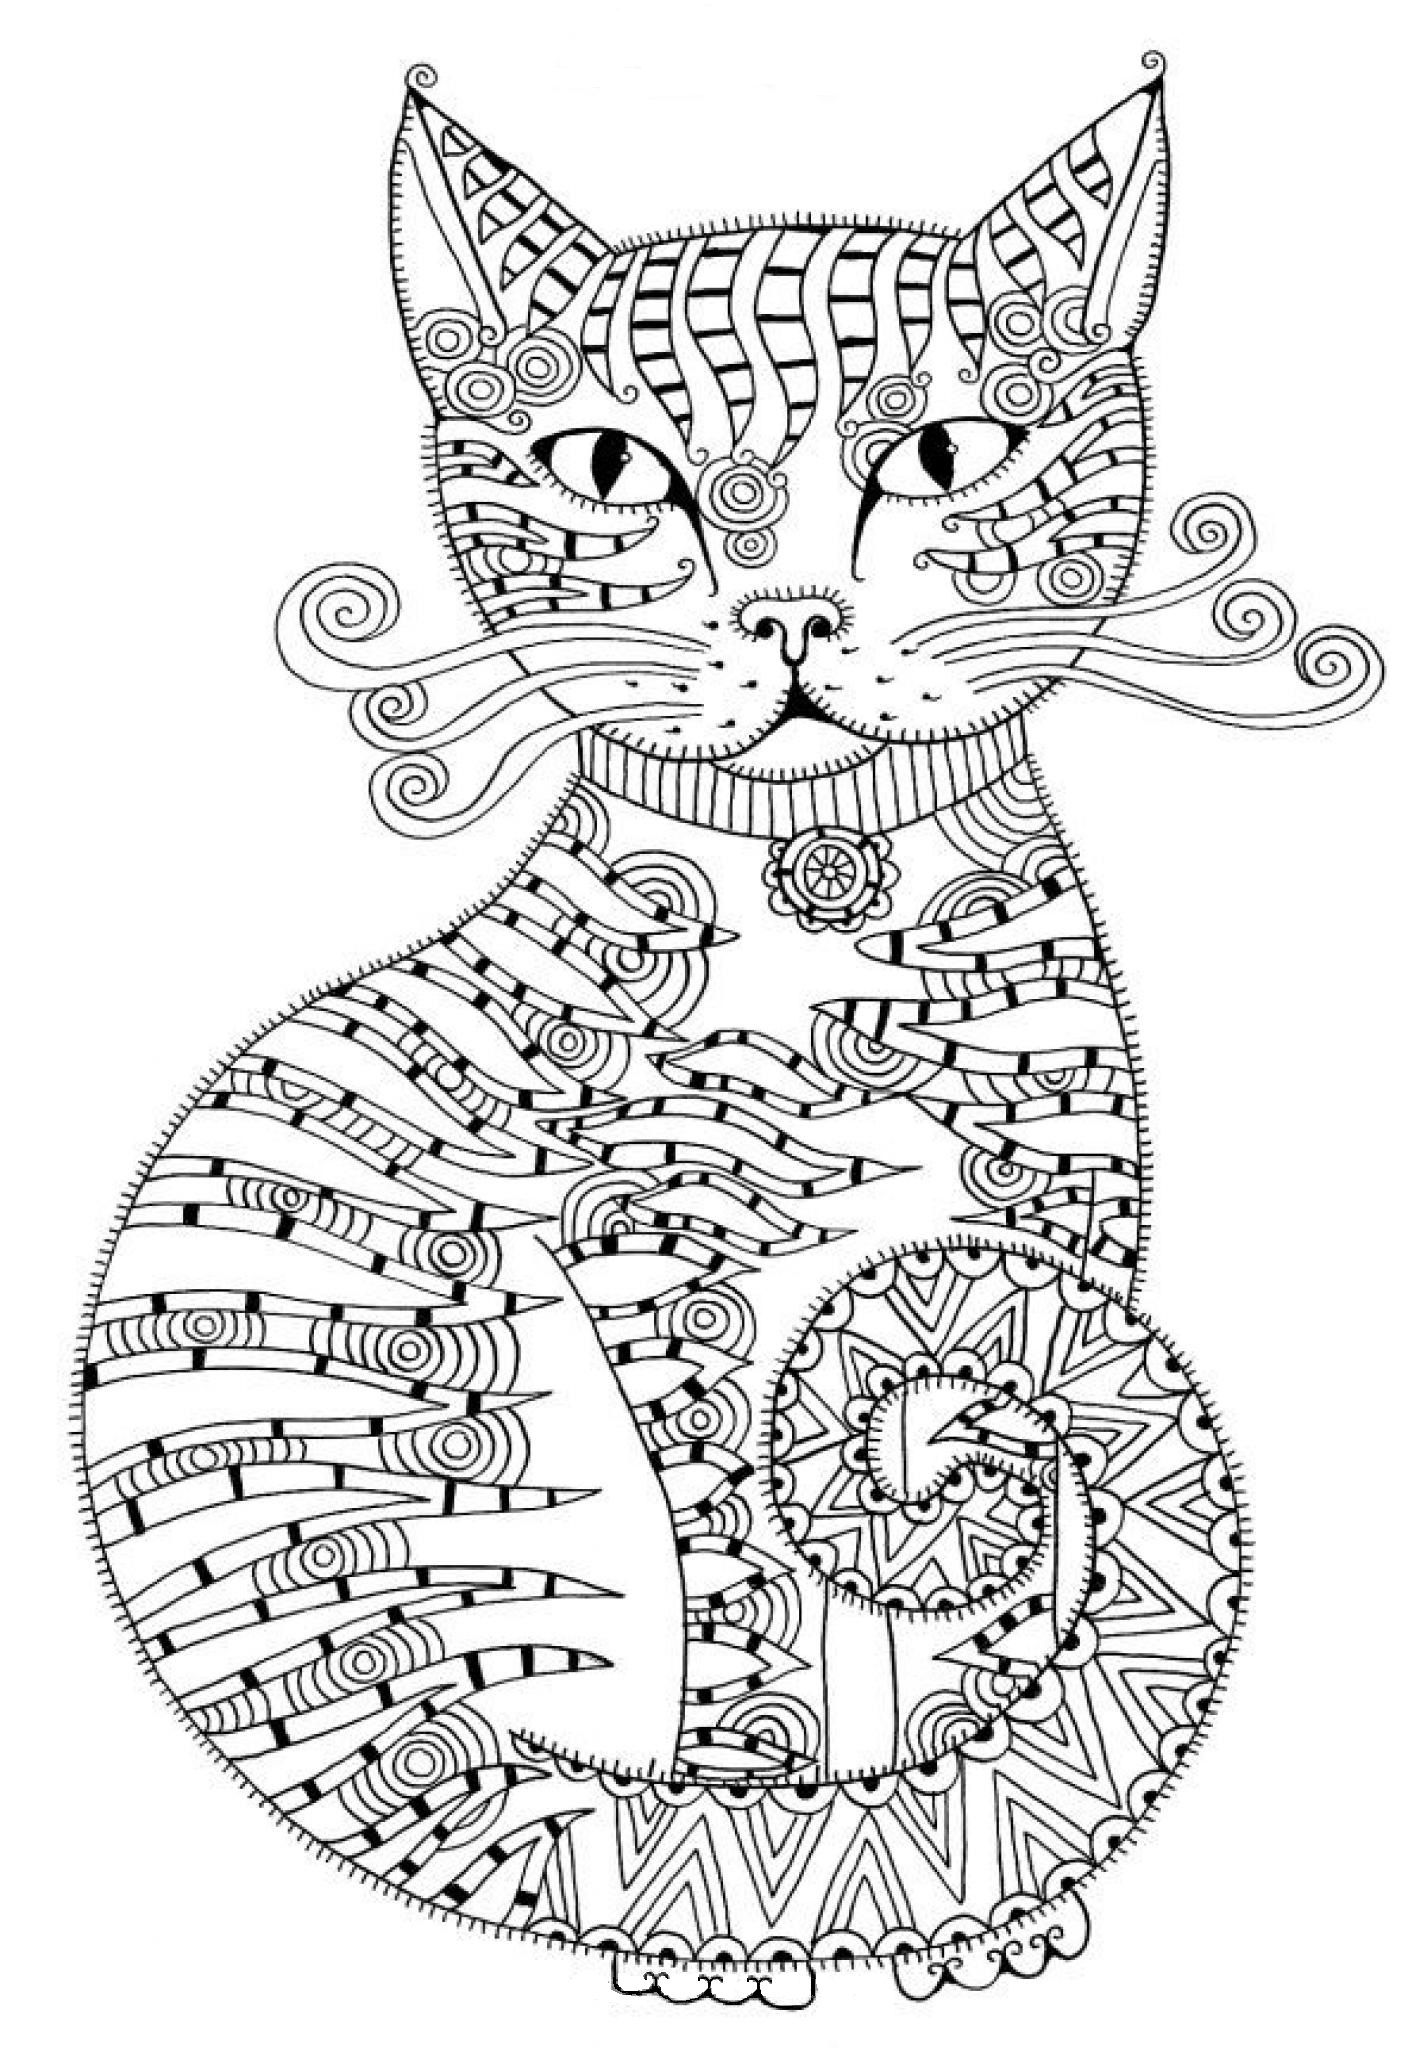 Ажурные трафареты котов Котеко Gatos